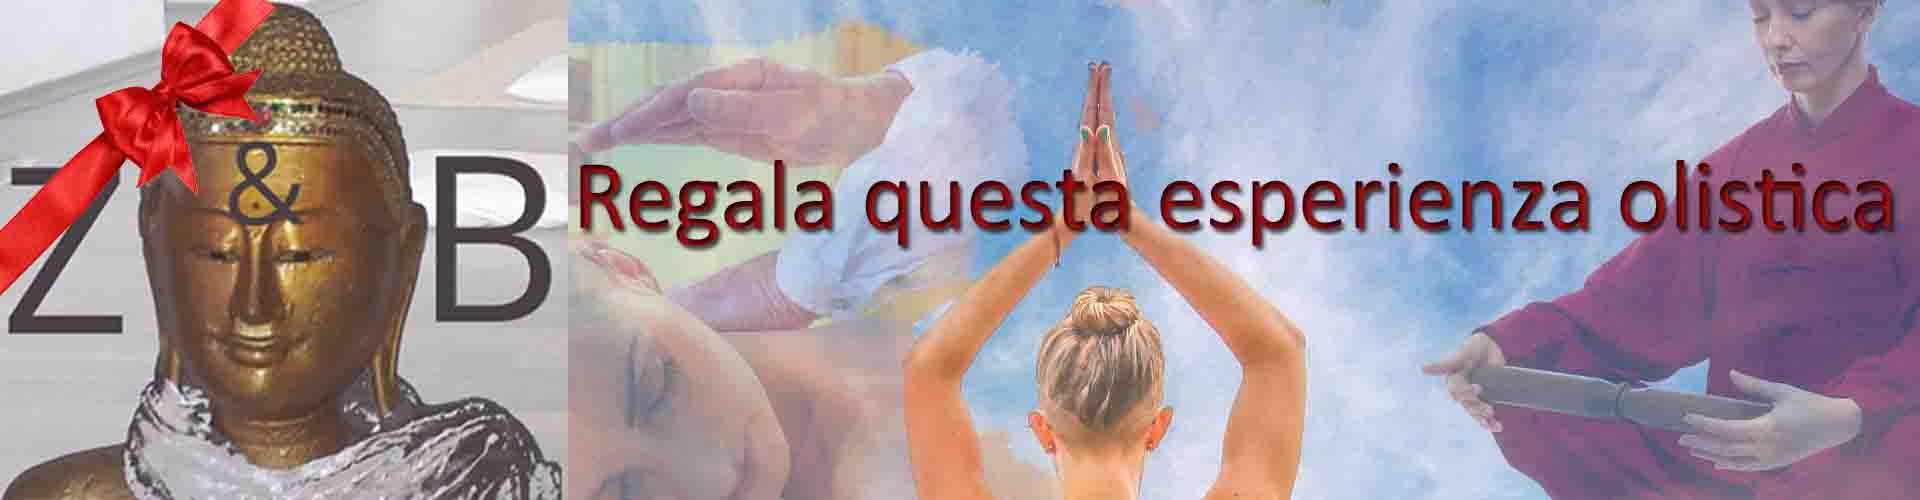 Coupon regalo generico per ritiro di meditazione centro di meditazione Zorba Il Buddha